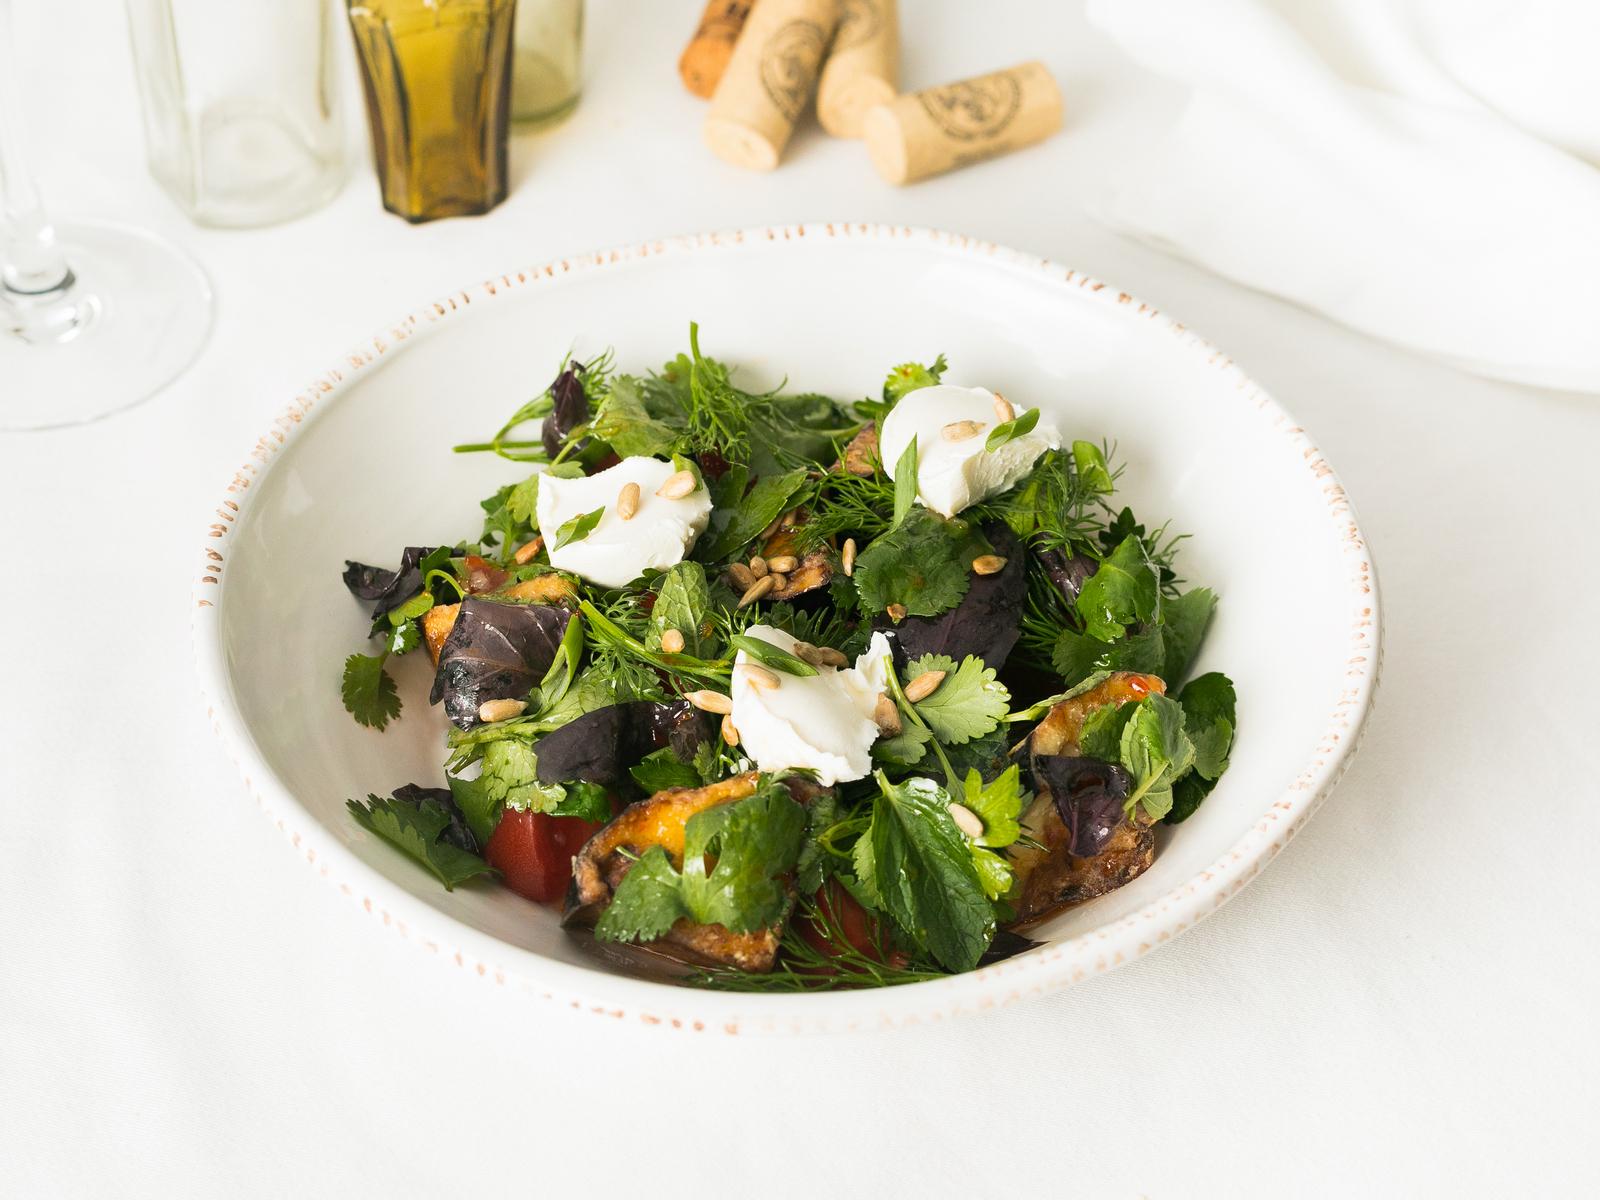 Салат с хрустящими баклажанами, томатами и сливочным сыром